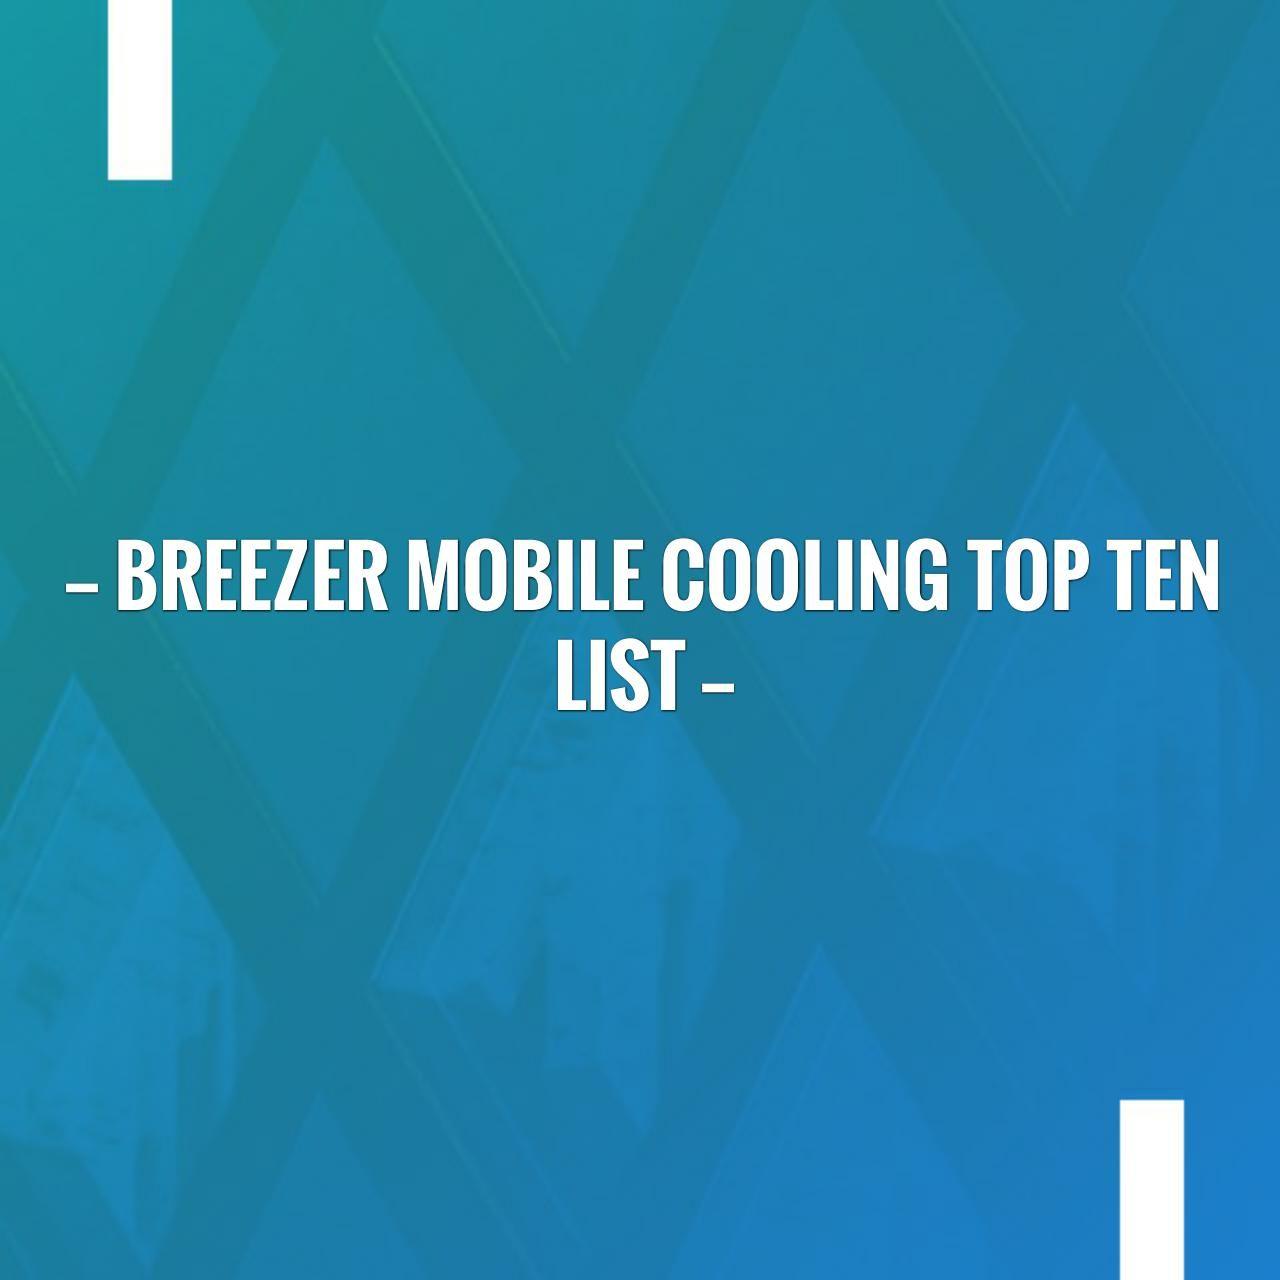 Breezer Mobile Cooling Top Ten List With Images Top Ten List